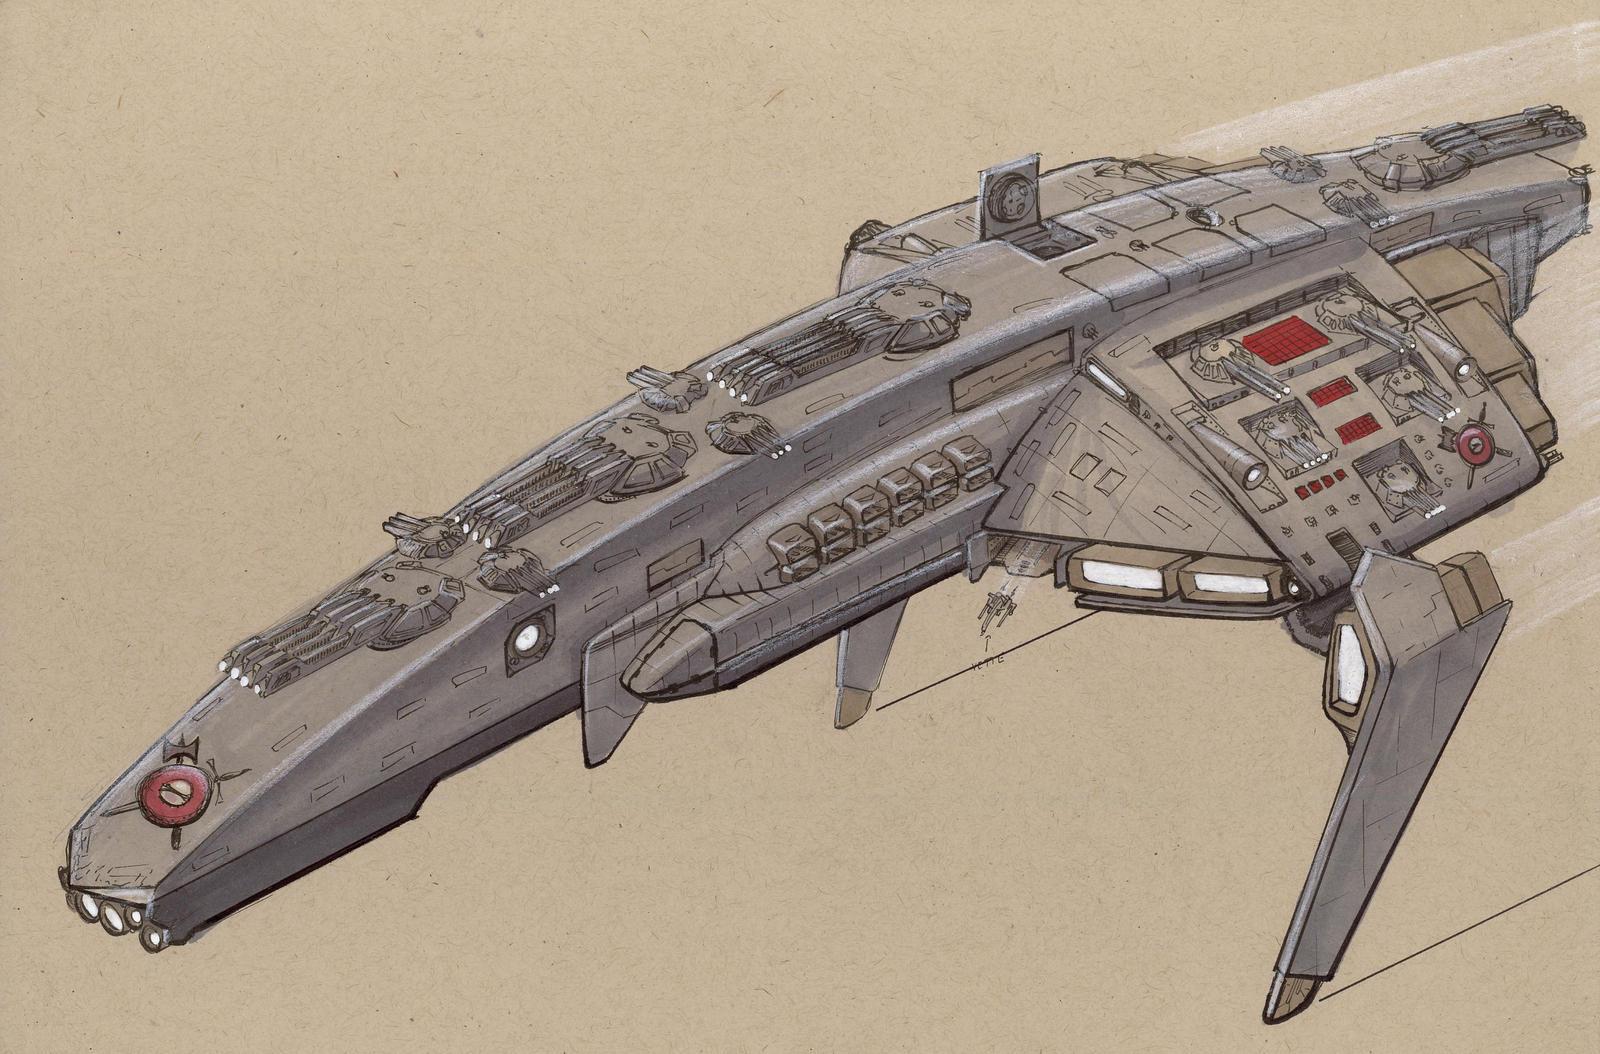 Mjollnir Class Battlecruiser by Jepray